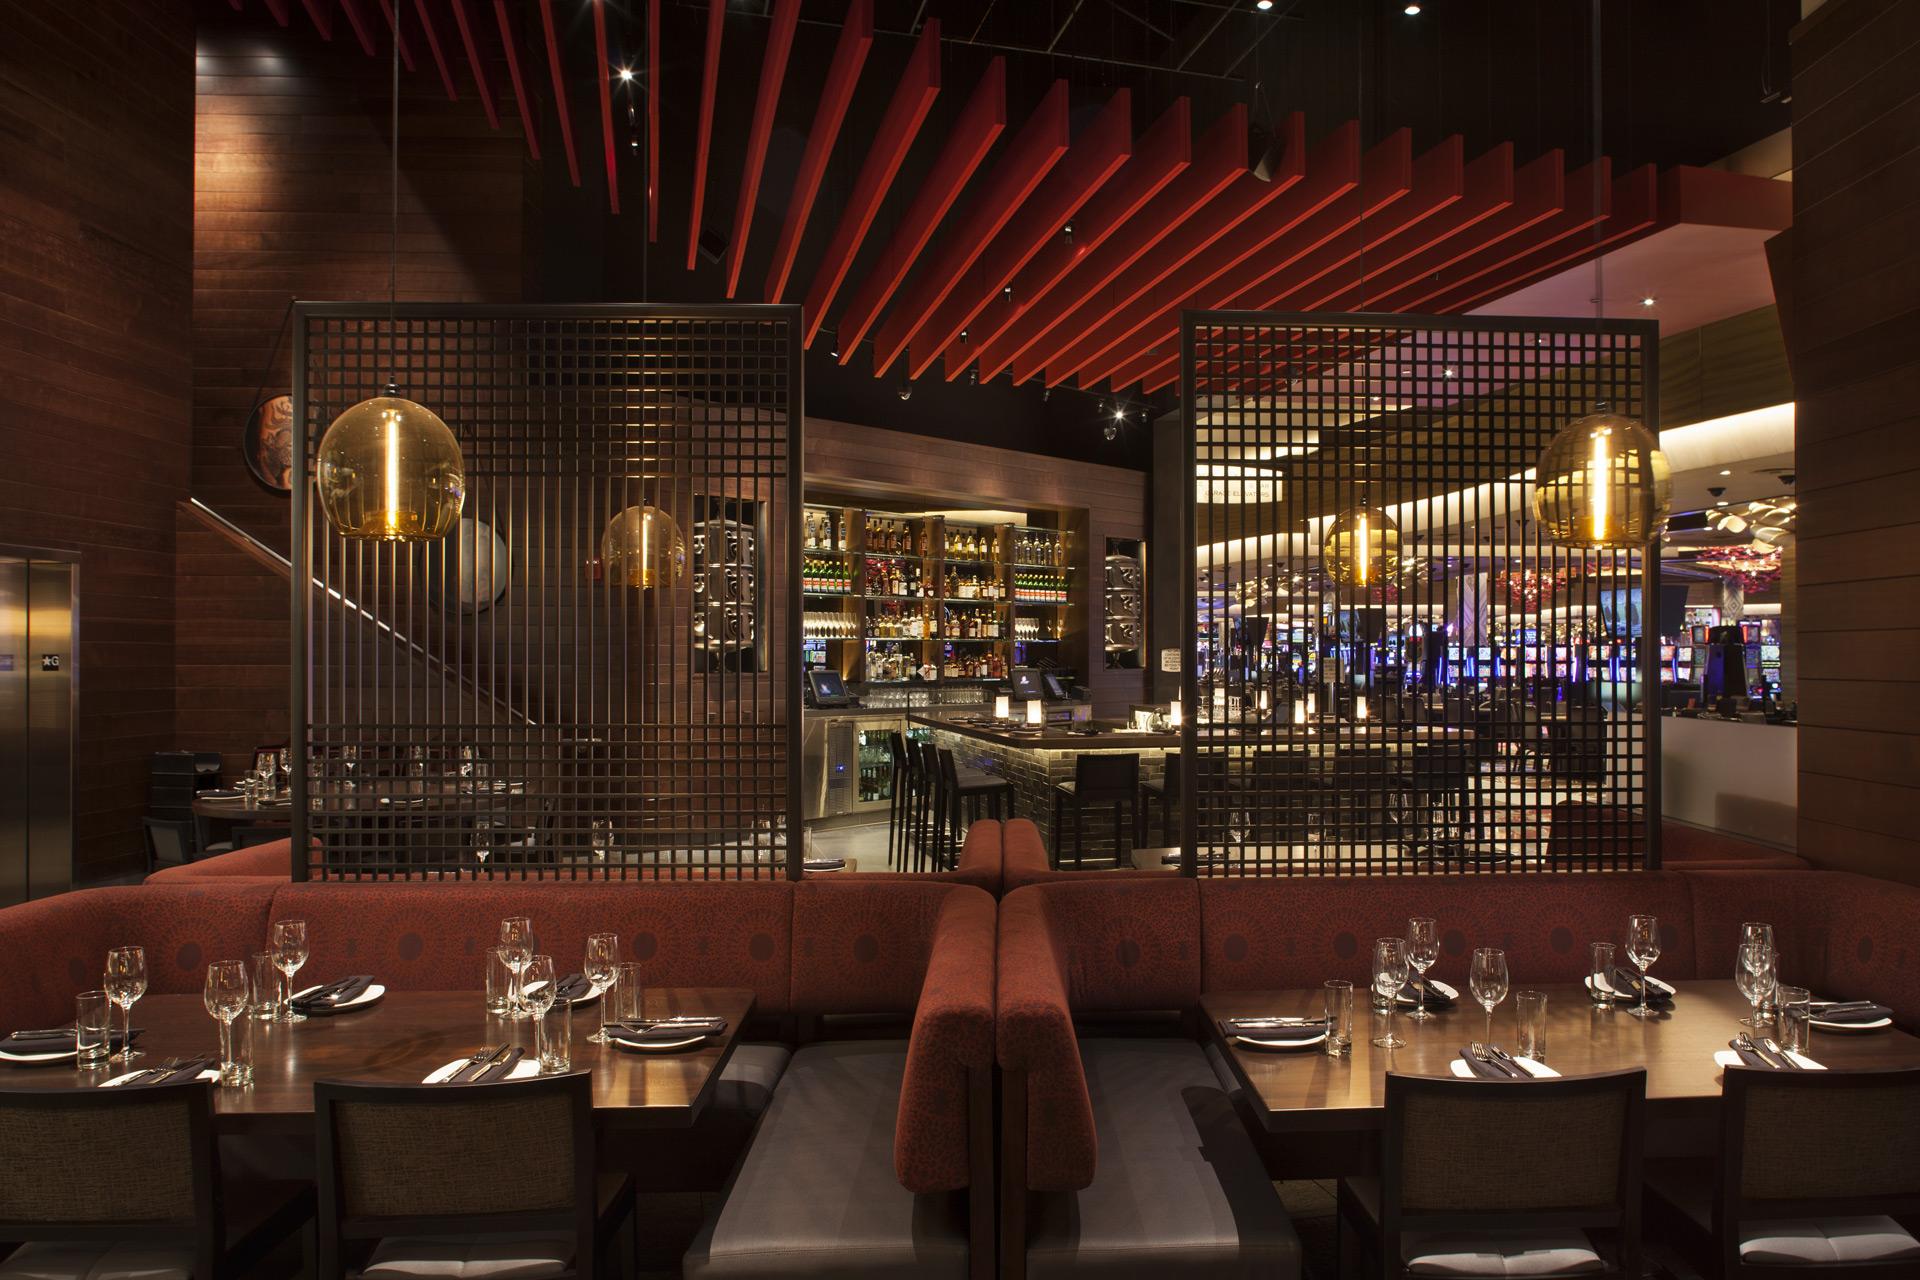 M.Y. China restaurant modern design